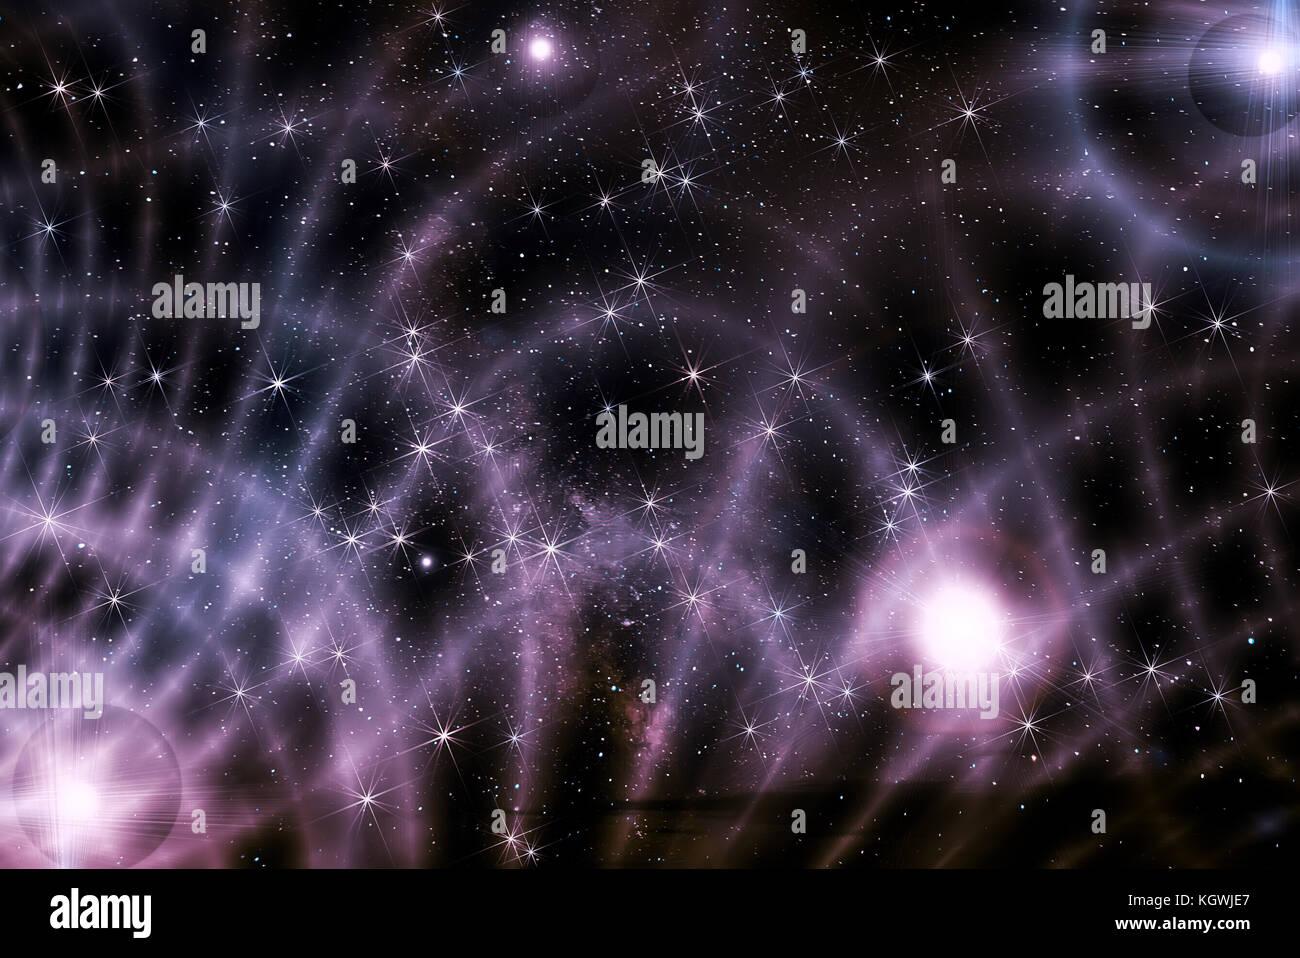 Color de fondo abstracto del espacio profundo con estrellas, nebulosas y polvo de estrellas en negro y colores lila Imagen De Stock